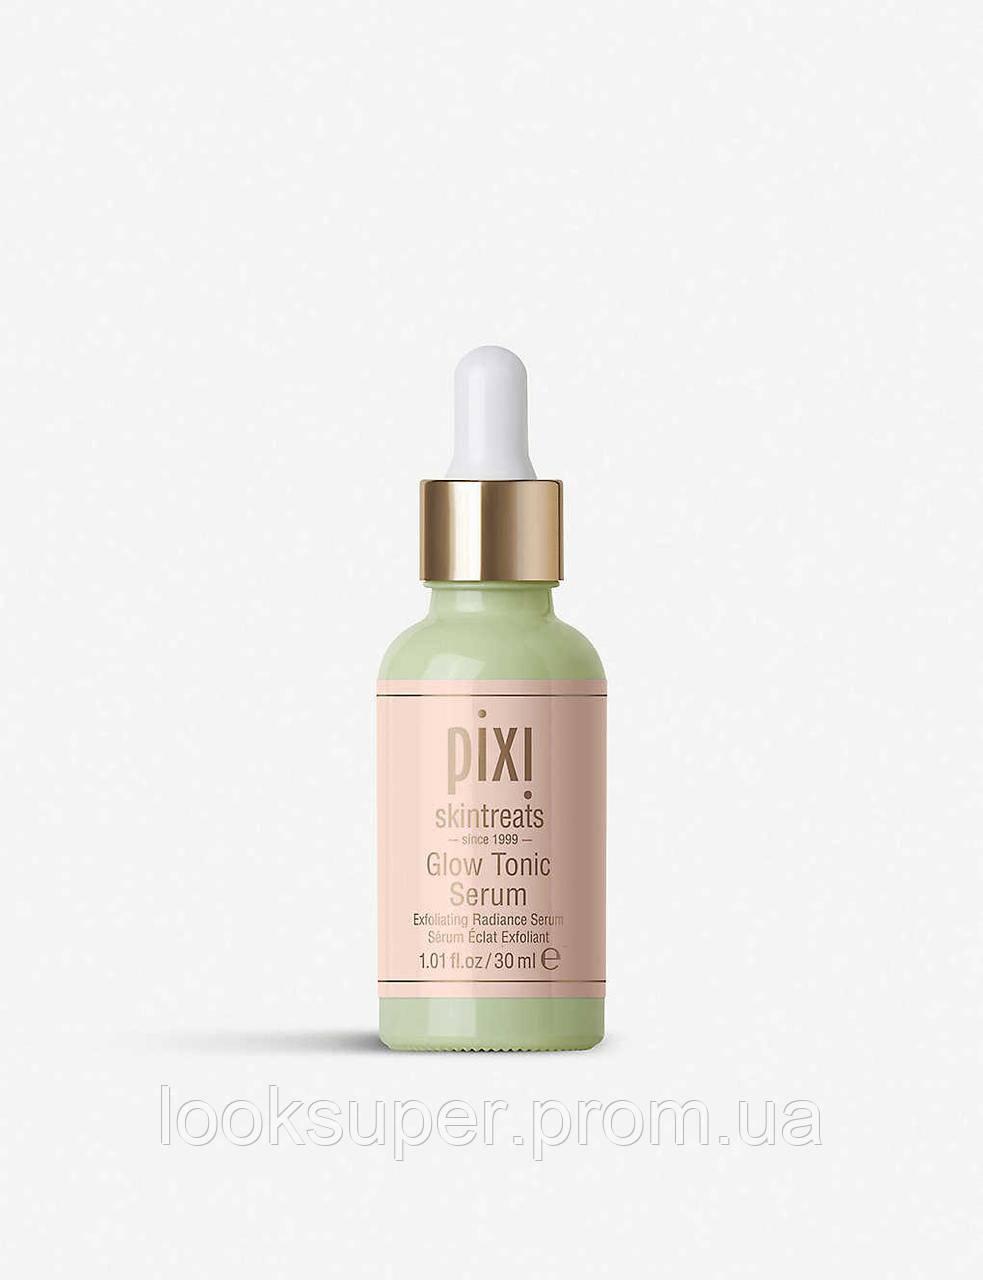 Сыворотка для лица PIXI Glow Tonic Serum (30ml)